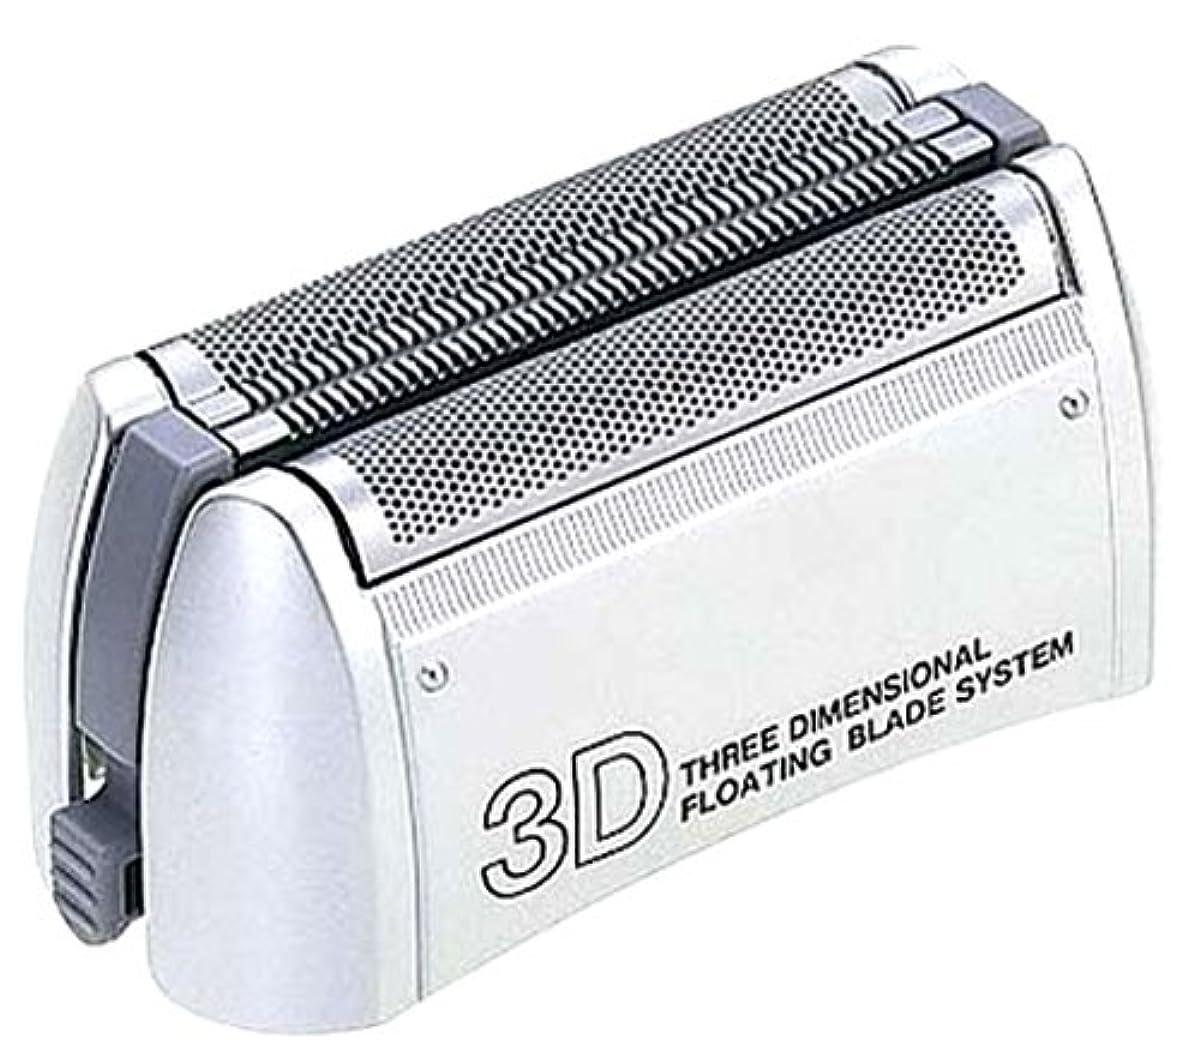 ペンス消防士怖いパナソニック 替刃 リニアスムーサー3D メンズシェーバー用外刃 ES9081